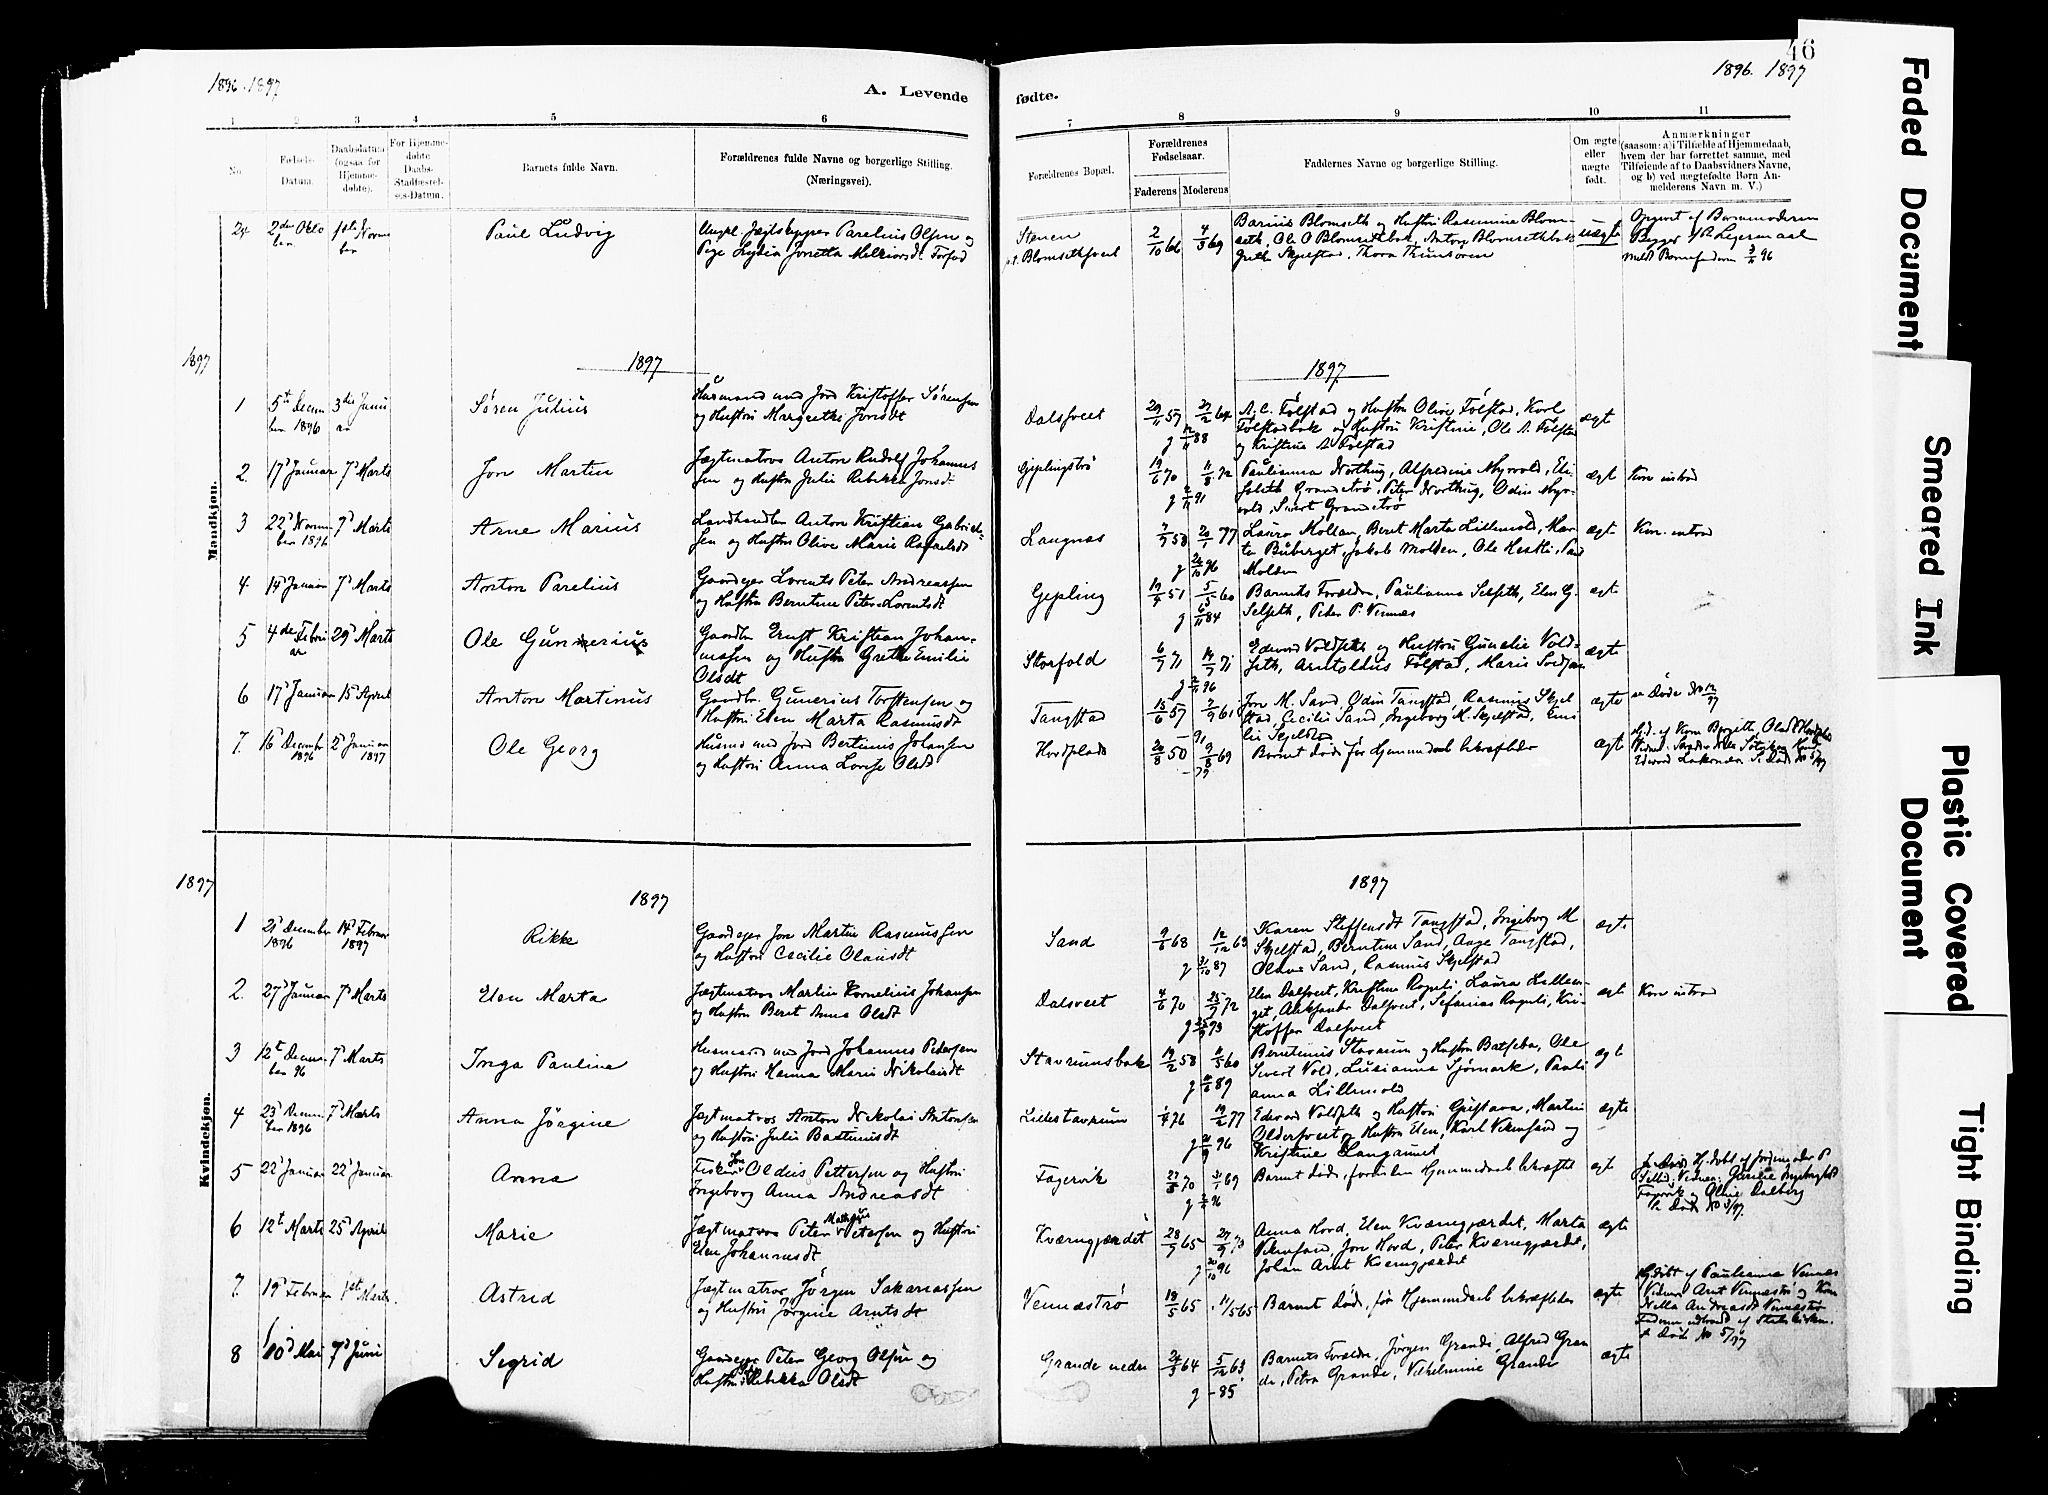 SAT, Ministerialprotokoller, klokkerbøker og fødselsregistre - Nord-Trøndelag, 744/L0420: Ministerialbok nr. 744A04, 1882-1904, s. 46